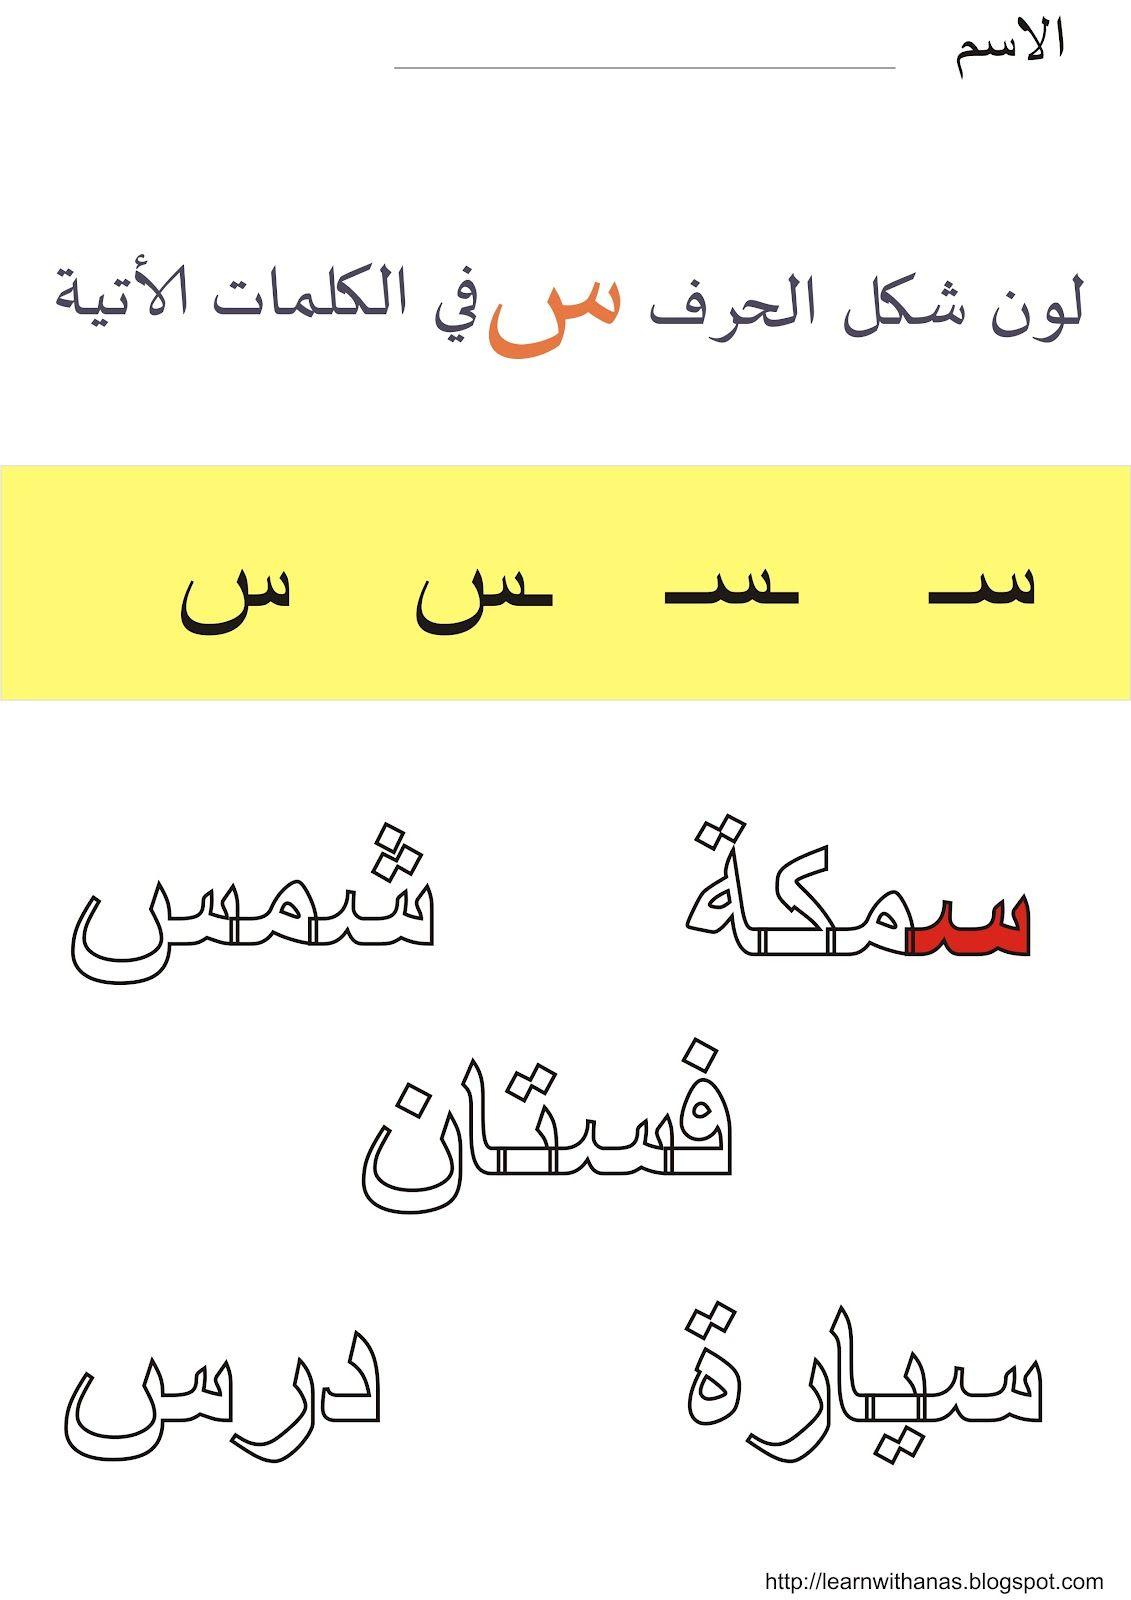 تعلم مع أنس أكتب وتتبع ولون الحرف س Arabic Alphabet For Kids Learn Arabic Language Learning Arabic